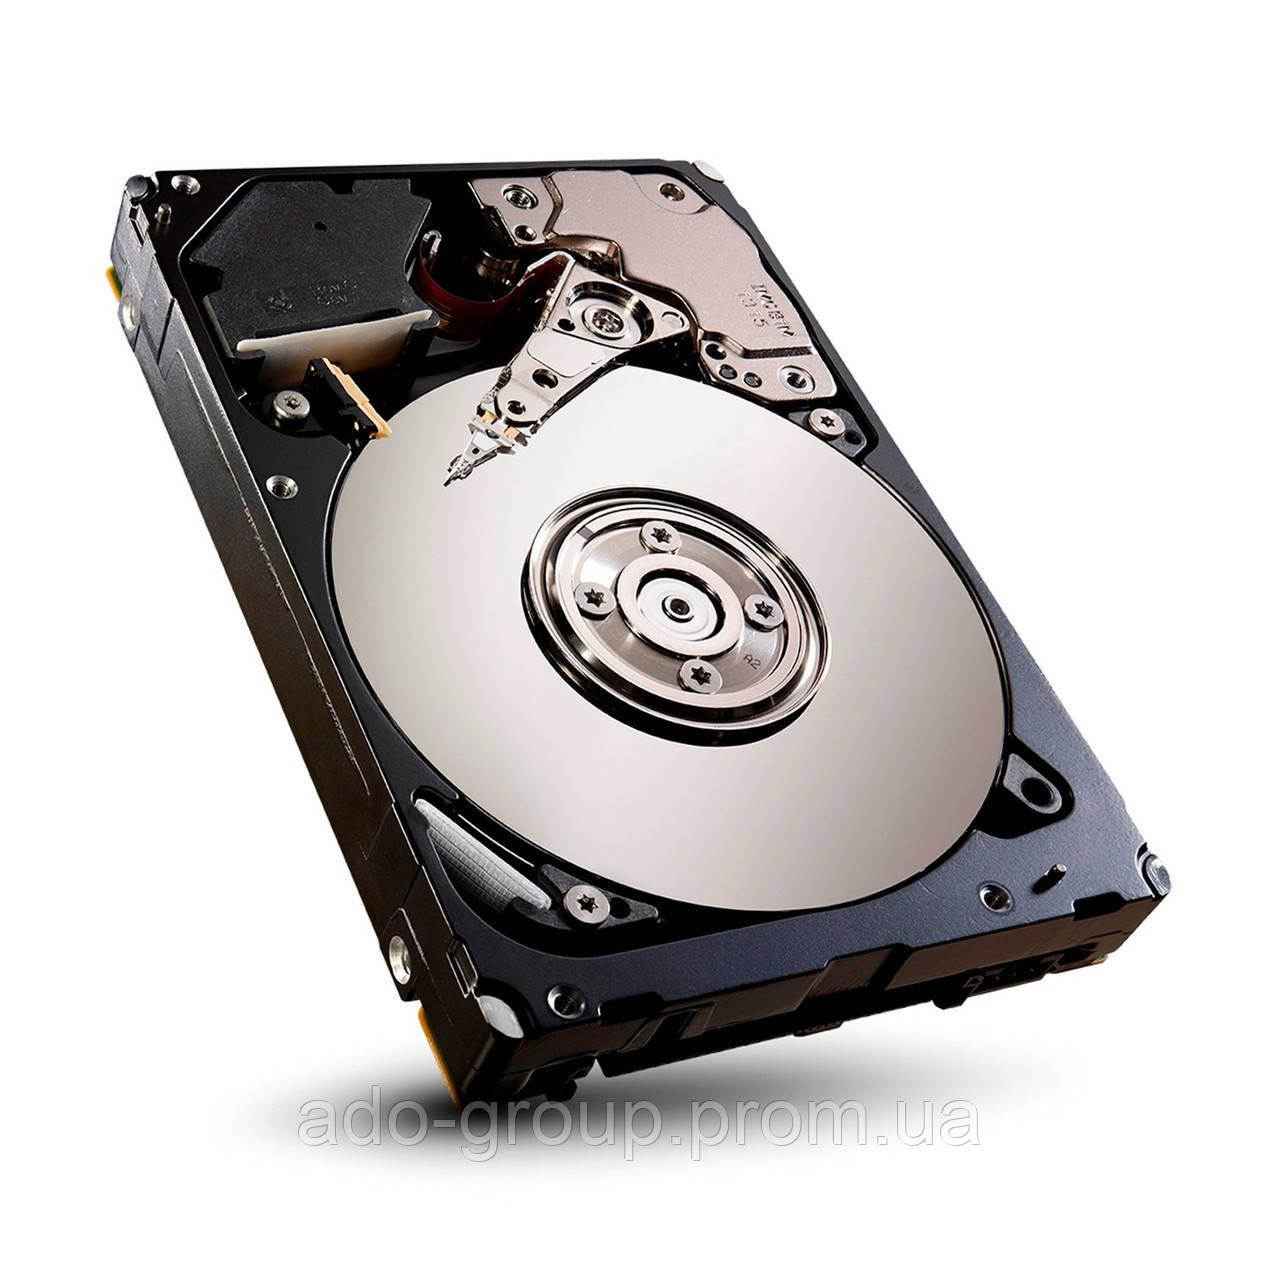 """6VVK7 Жесткий диск Dell 500GB SATA 7.2K  3.5"""" +"""